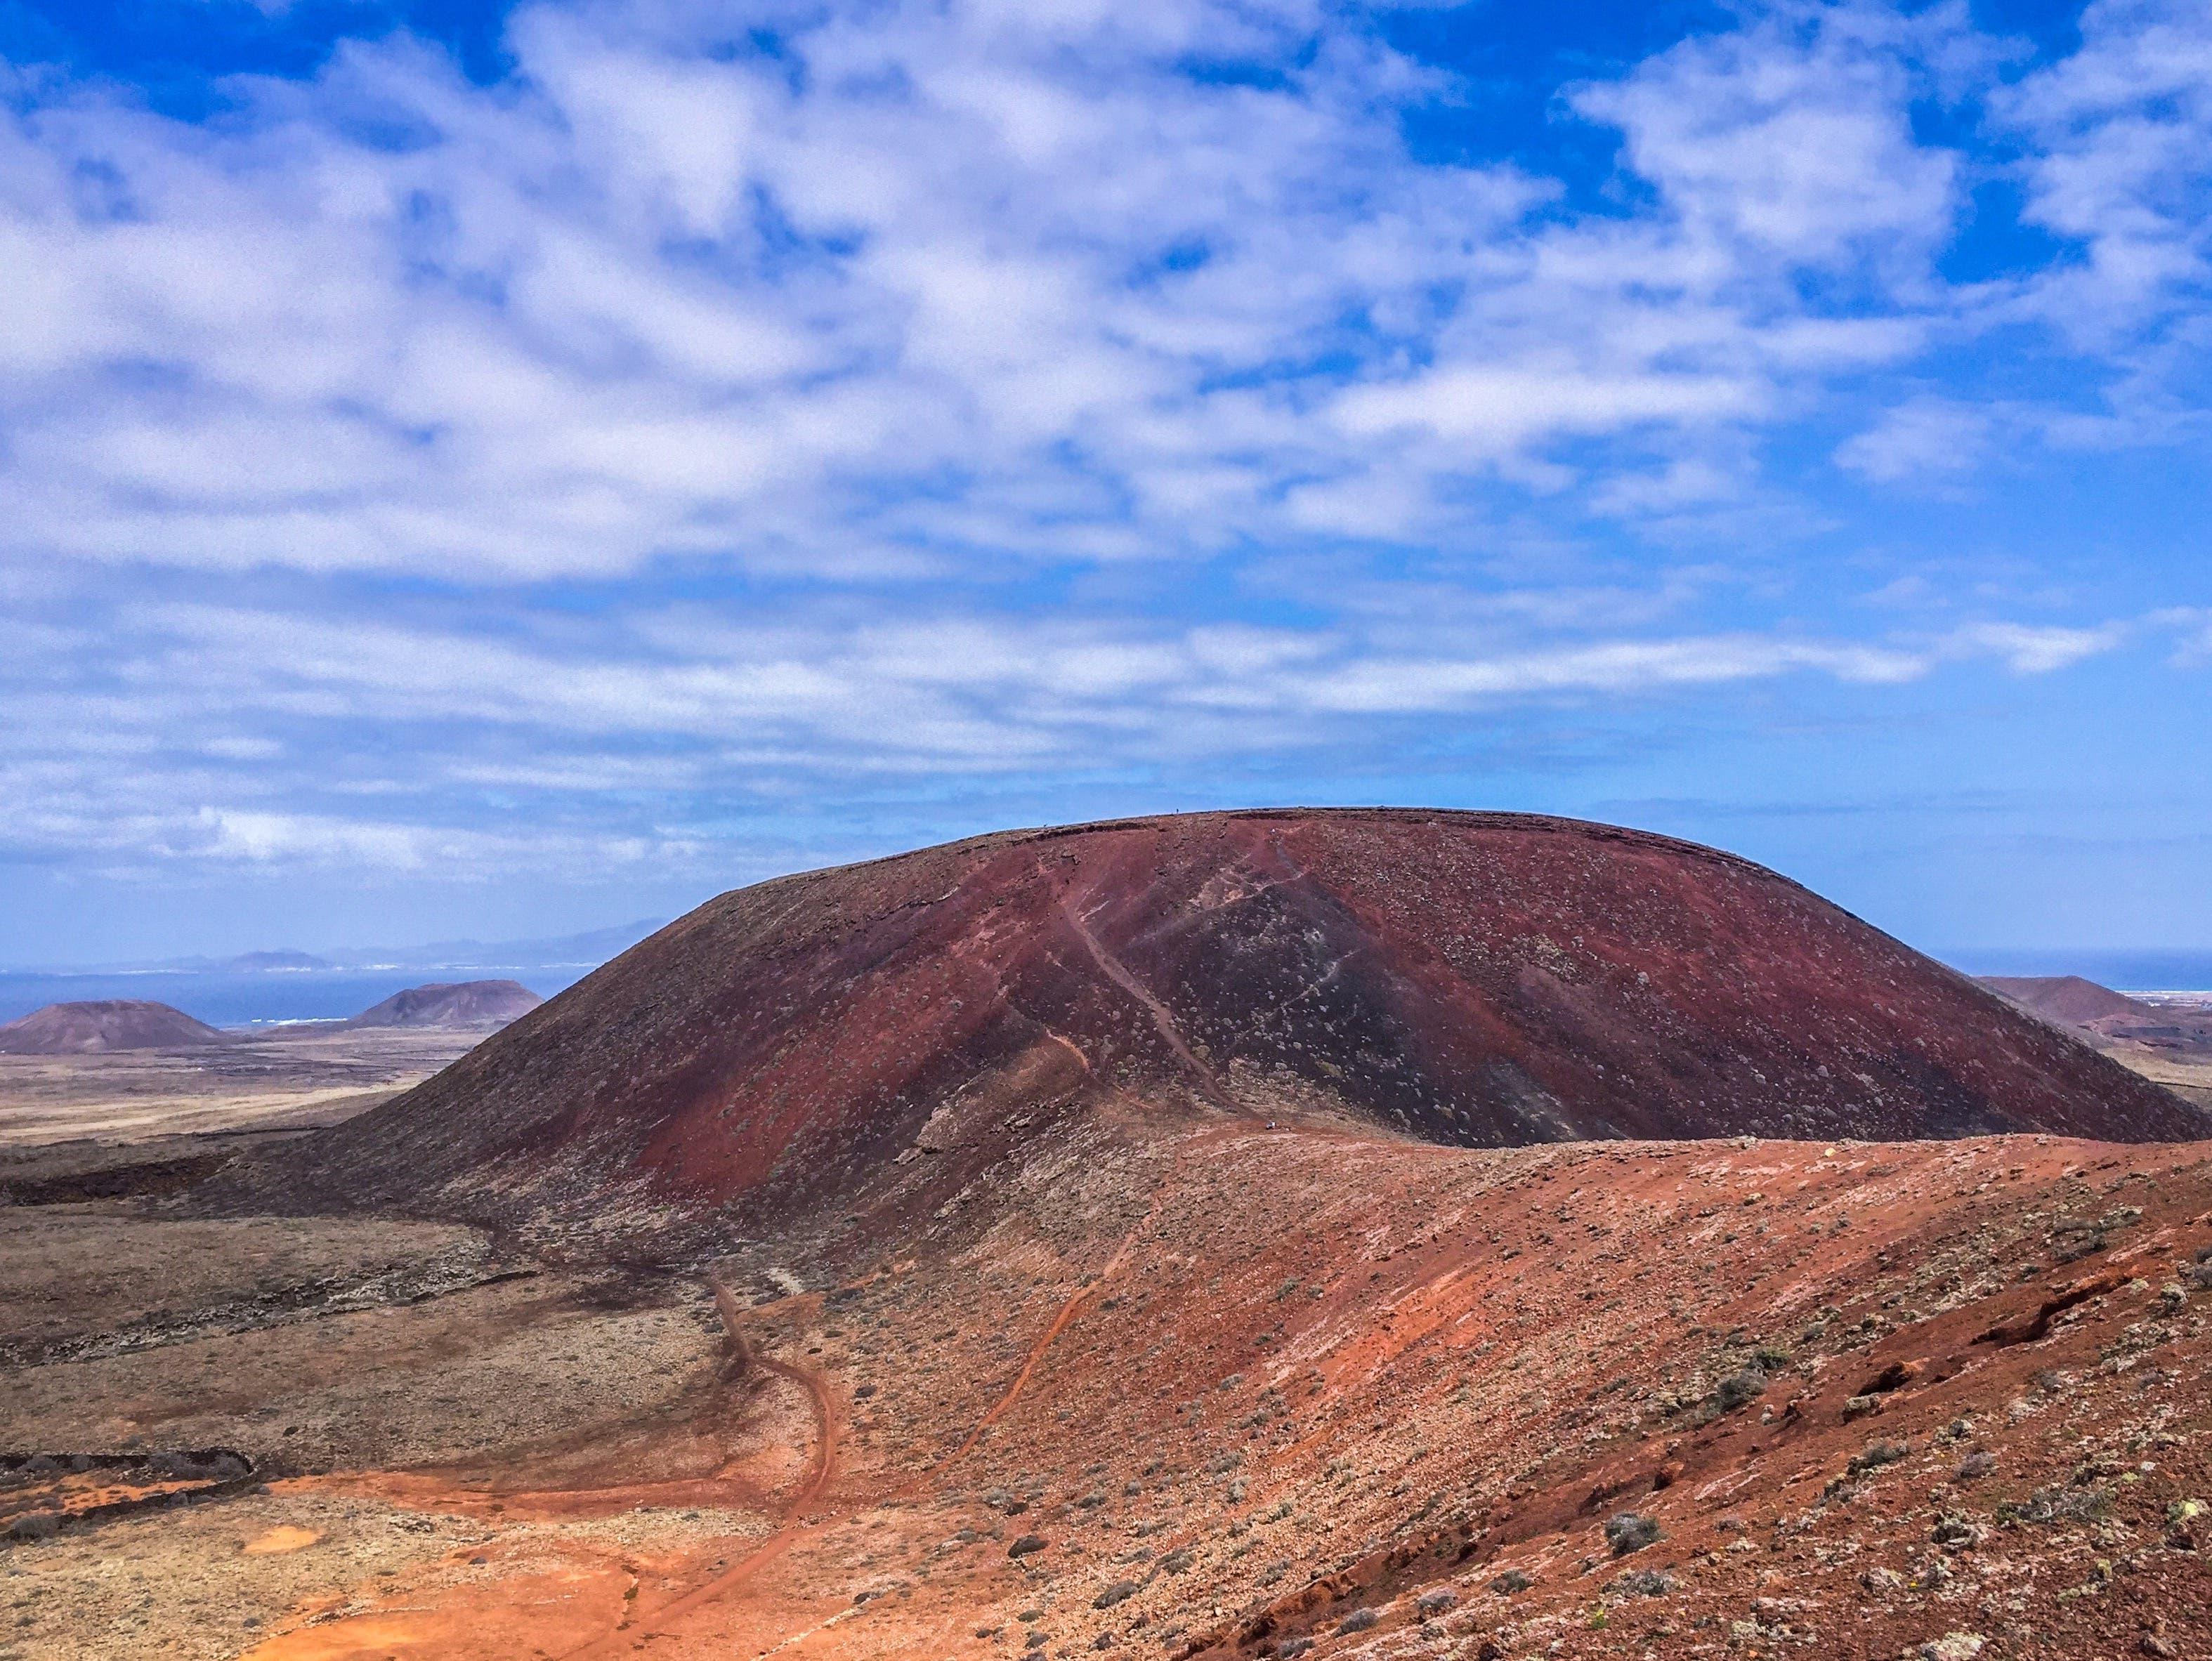 Die letzten vulkanischen Aktivitäten erloschen auf Fuerteventura vor rund 5'000 Jahren. Übrig blieben wunderschöne Hügellandschaften.